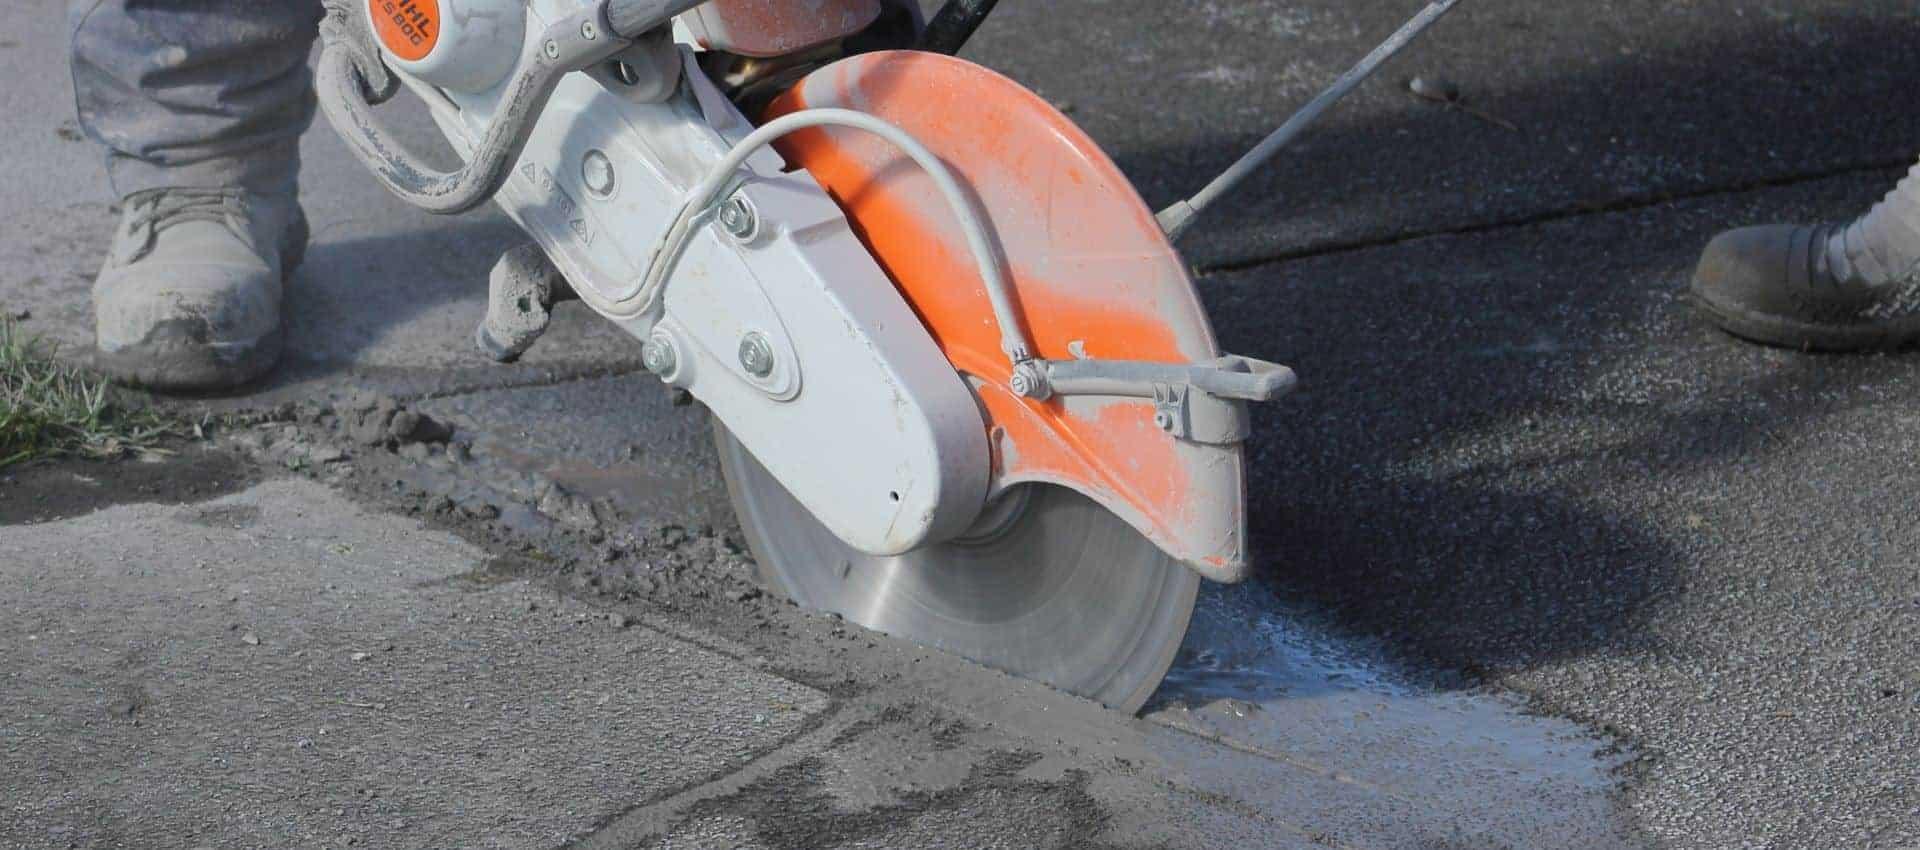 Abrasive Wheel - Concrete Saw